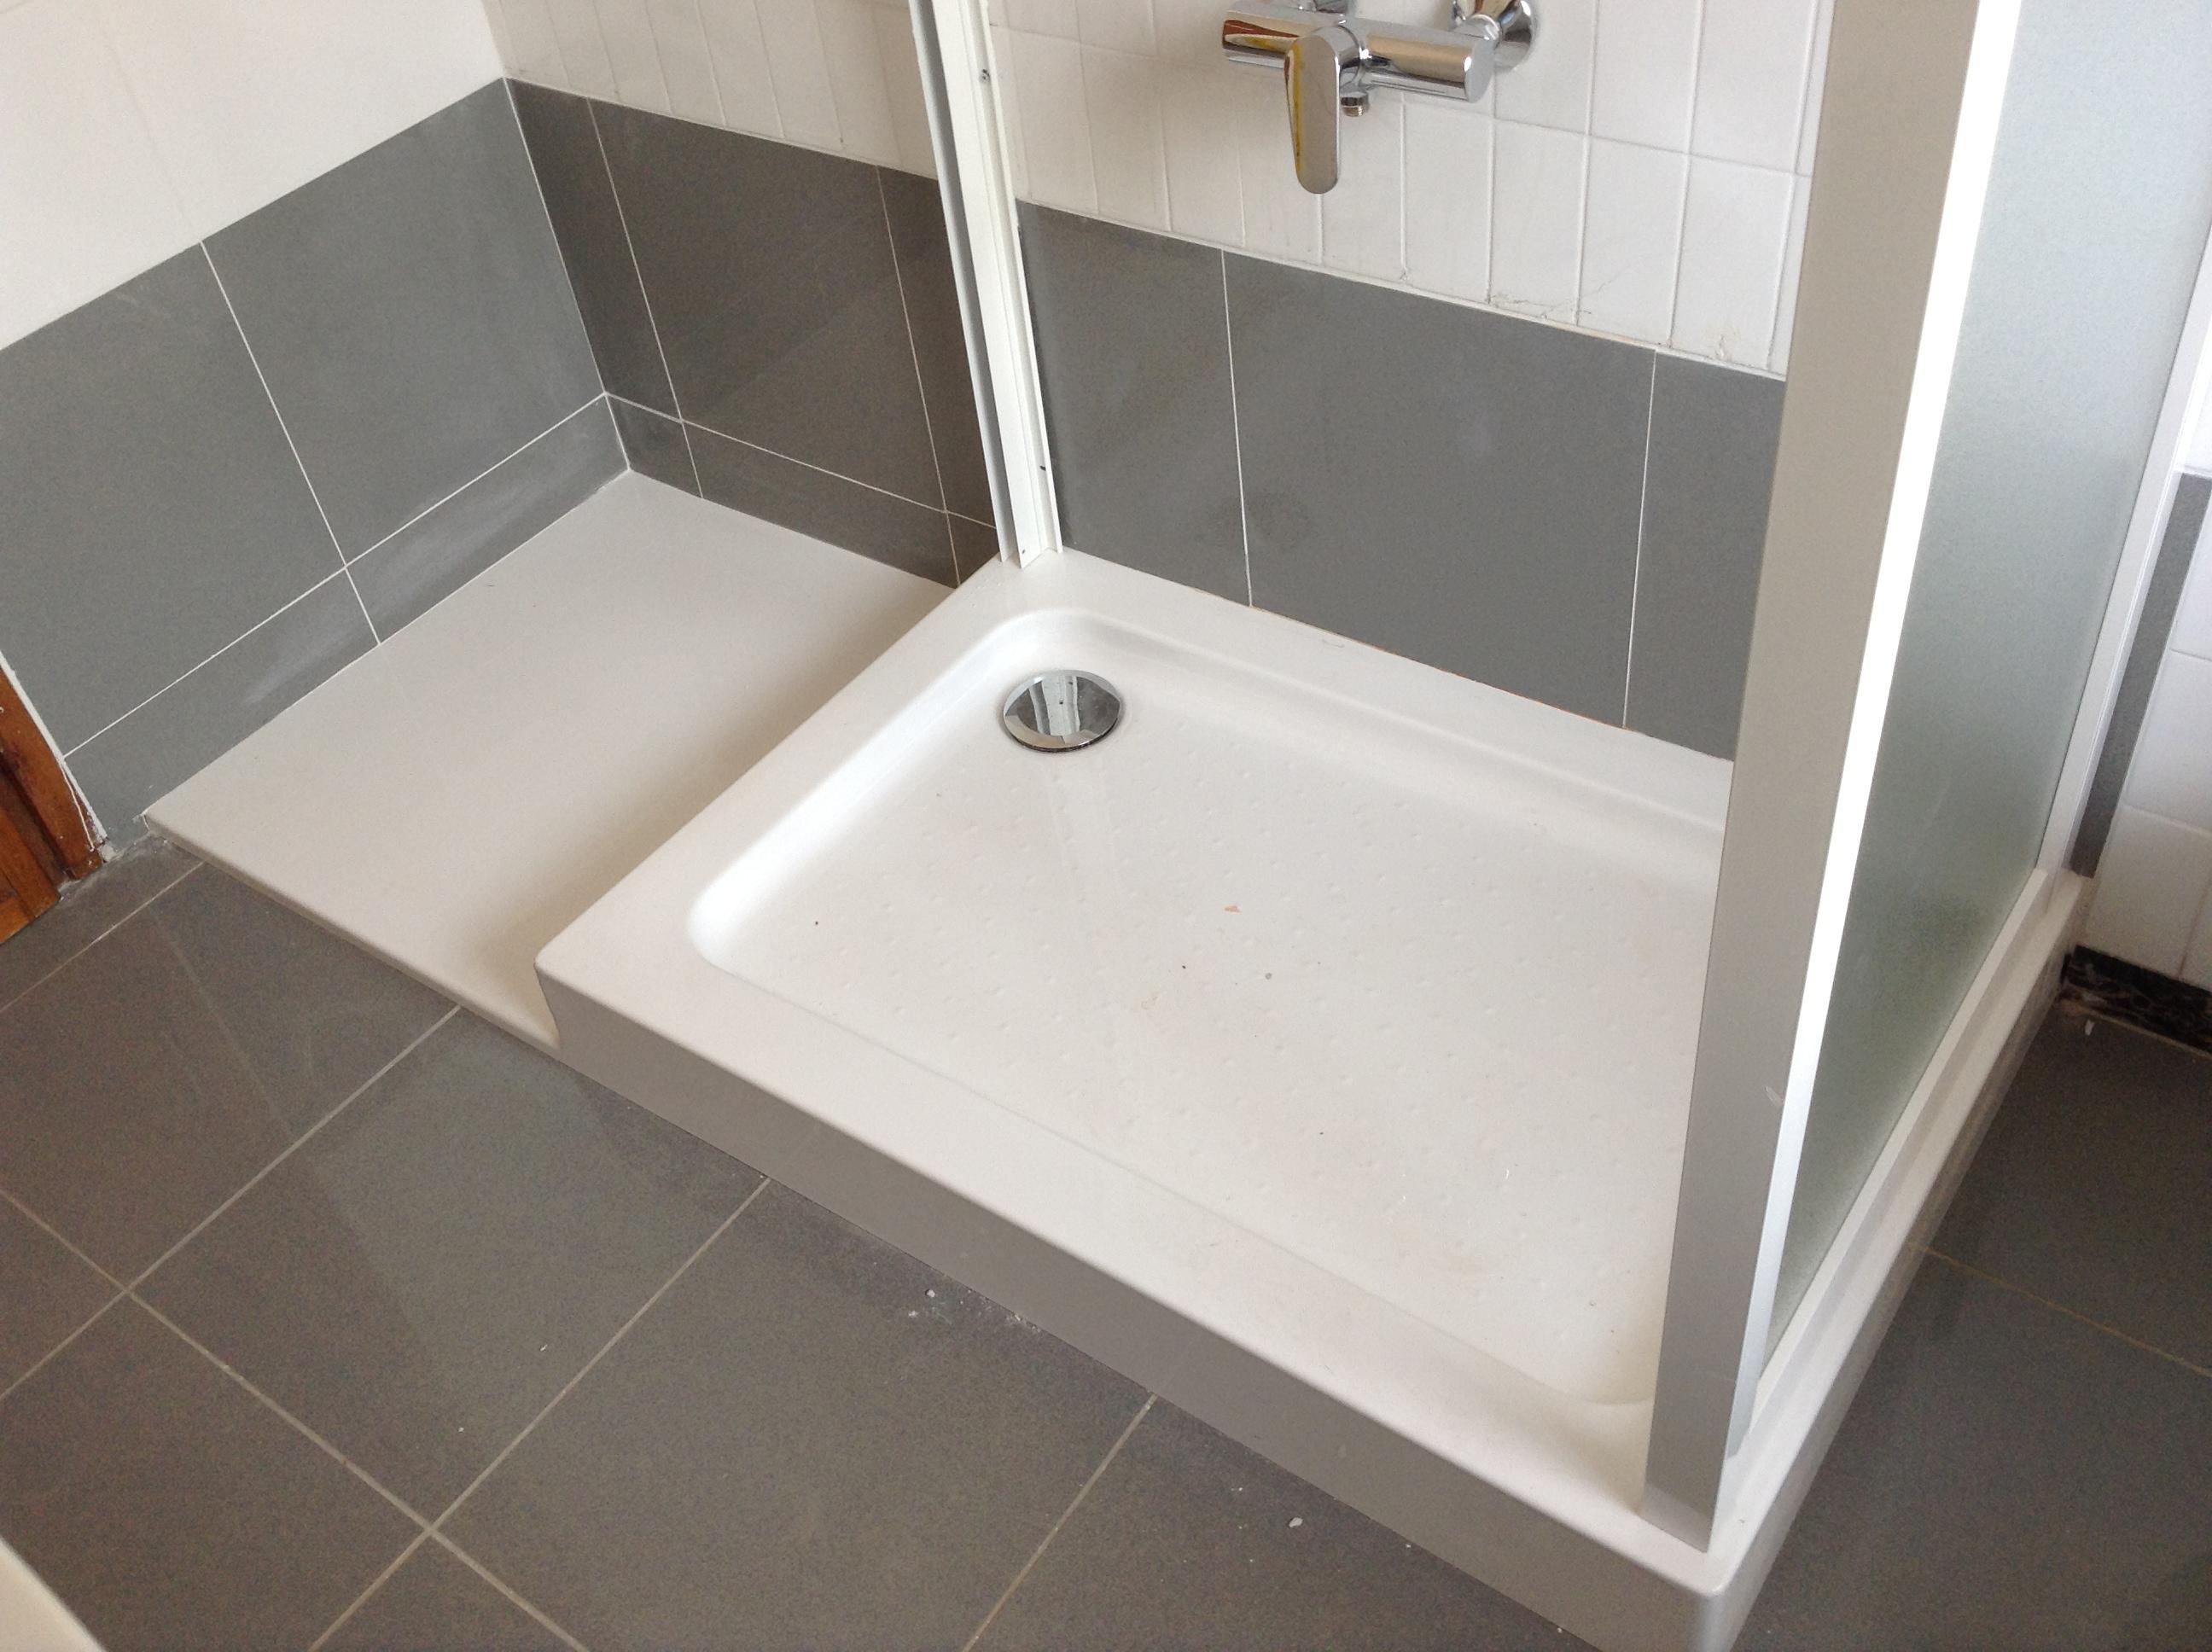 Idee Bagno Piccolo Con Doccia : Come trasformare la vasca in doccia ...